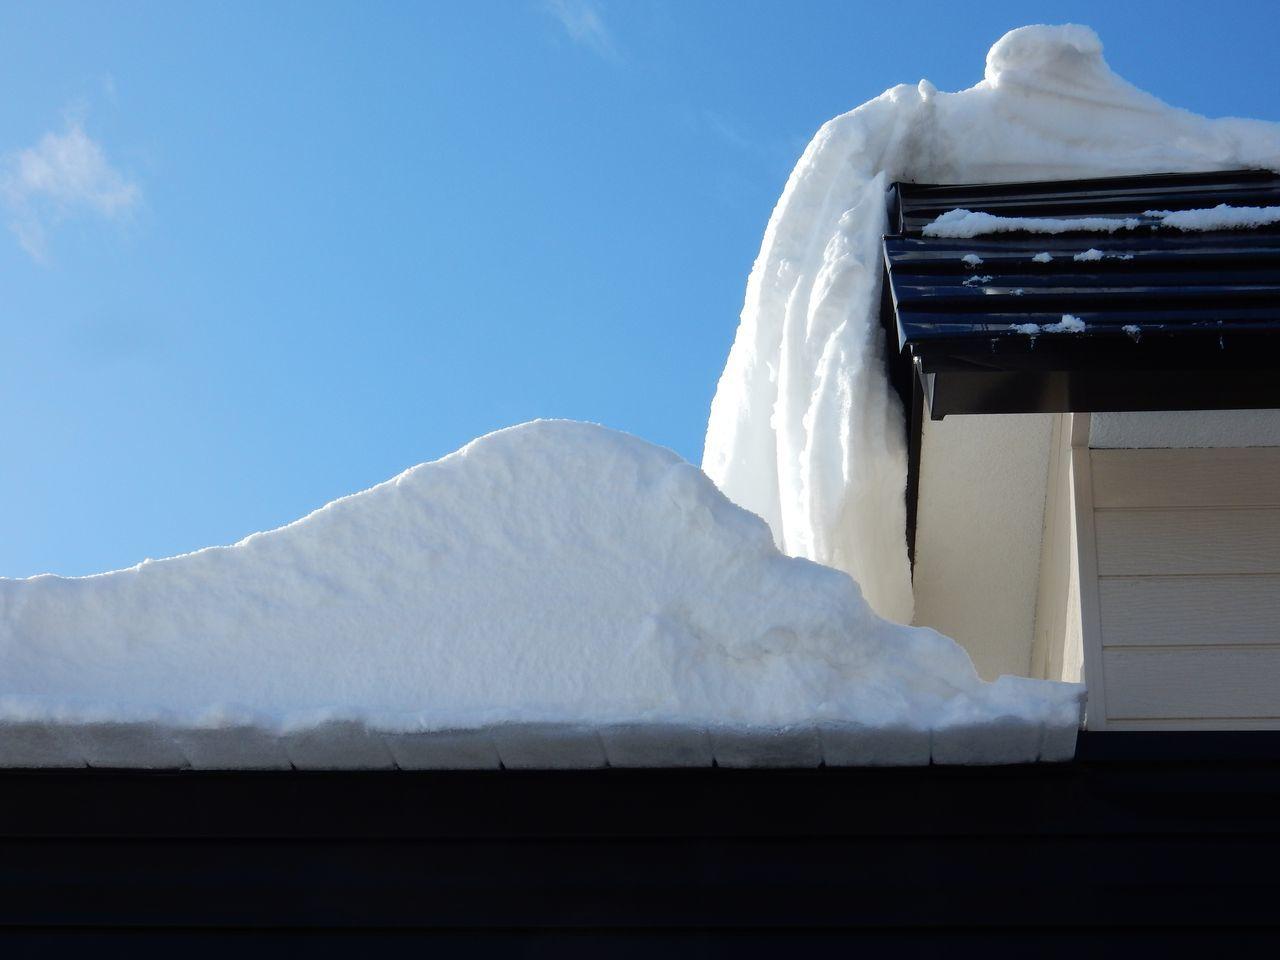 真冬日ではありましたが_c0025115_22021141.jpg